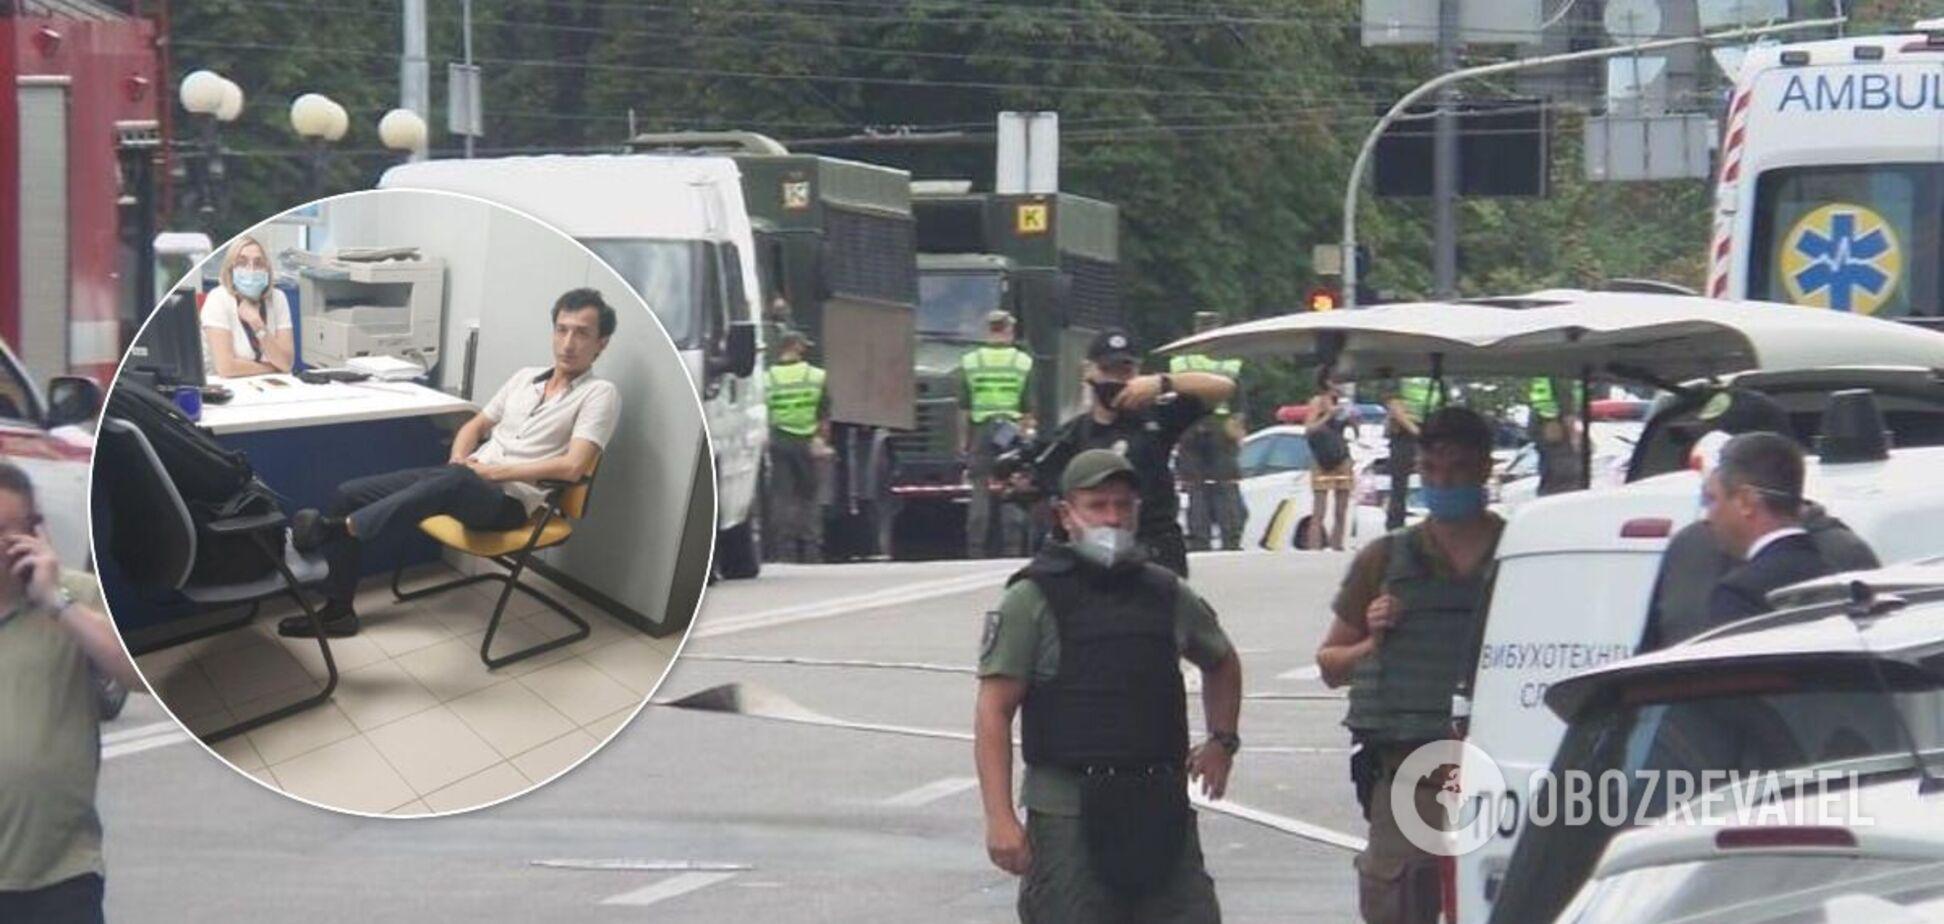 Как выглядит захватчик БЦ 'Леонардо' в Киеве: лицо и личность террориста раскрыли